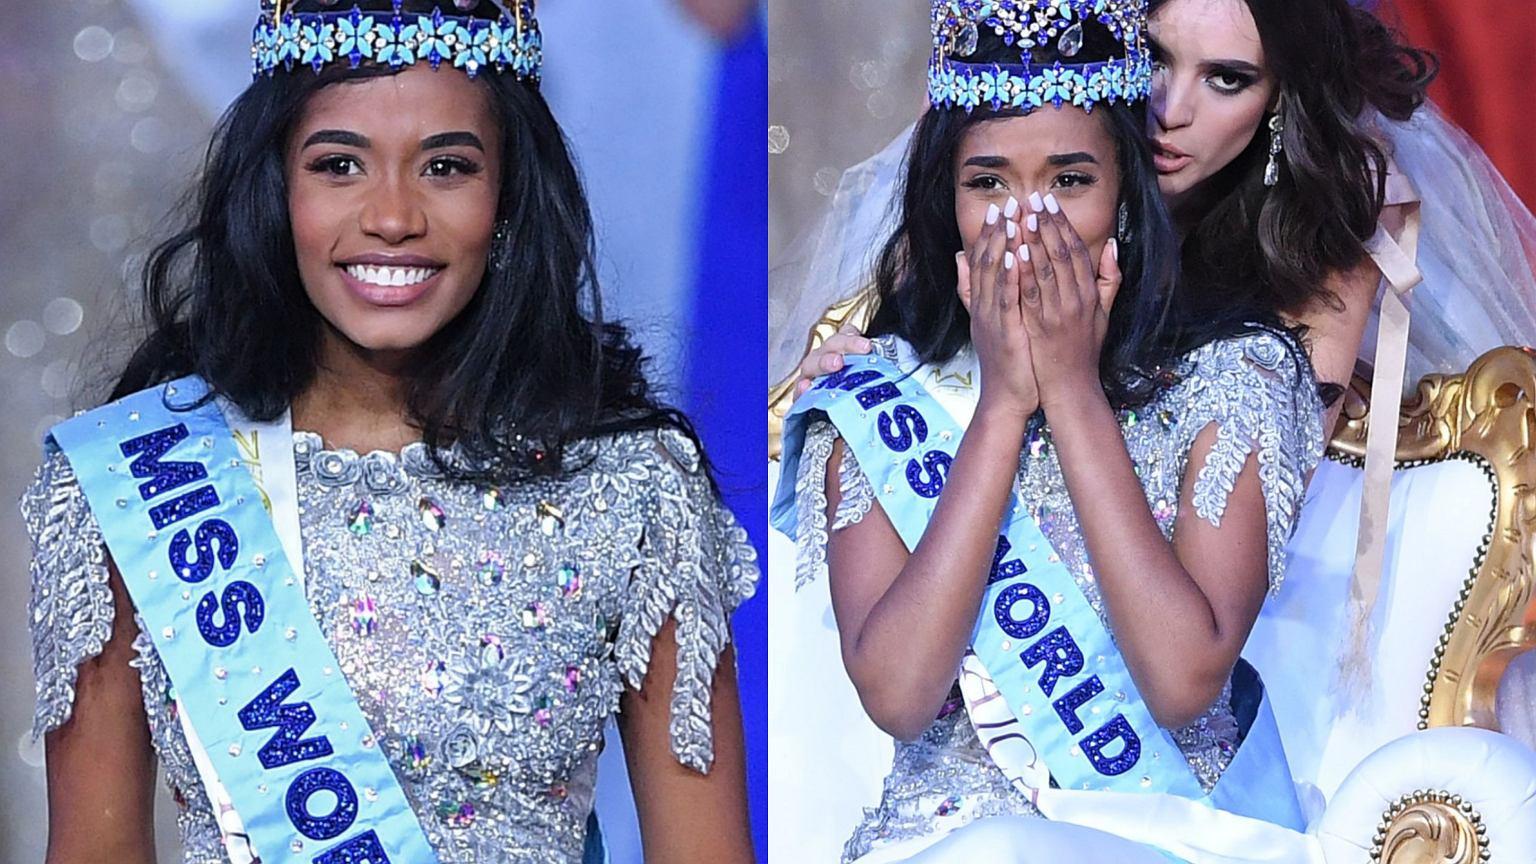 Finał Miss World 2019 za nami. Triumfowała Toni-Ann Singh z Jamajki. A jak poradziła sobie polska reprezentantka Milena Sadowska?